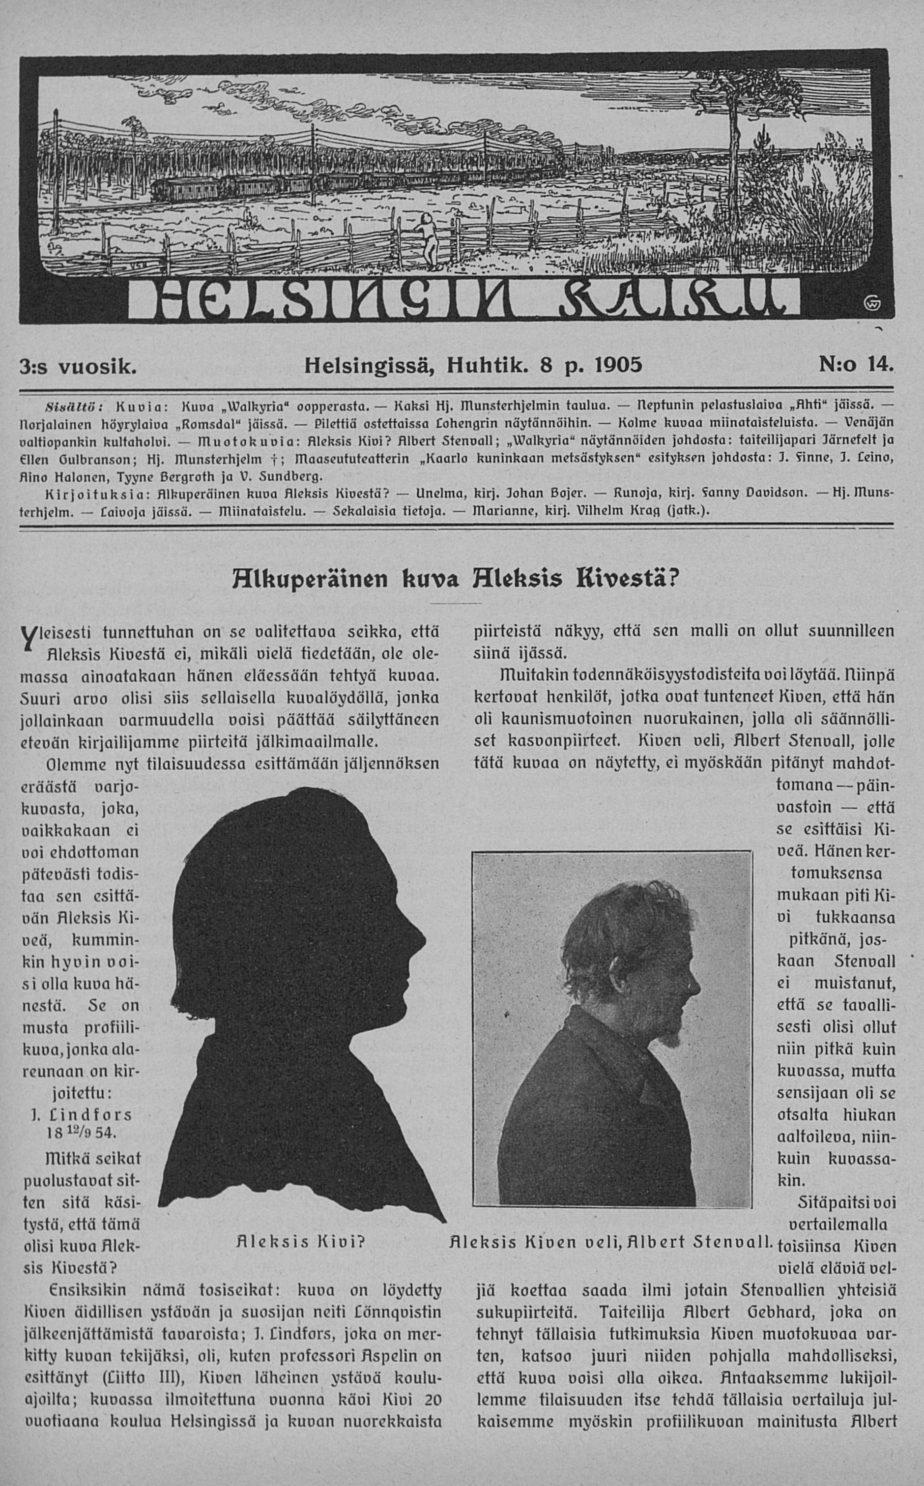 """Kansan Kuvalehdessä 1934 julkaistu """"kätkössä ollut"""" Aleksis Kiven siluettikuva"""